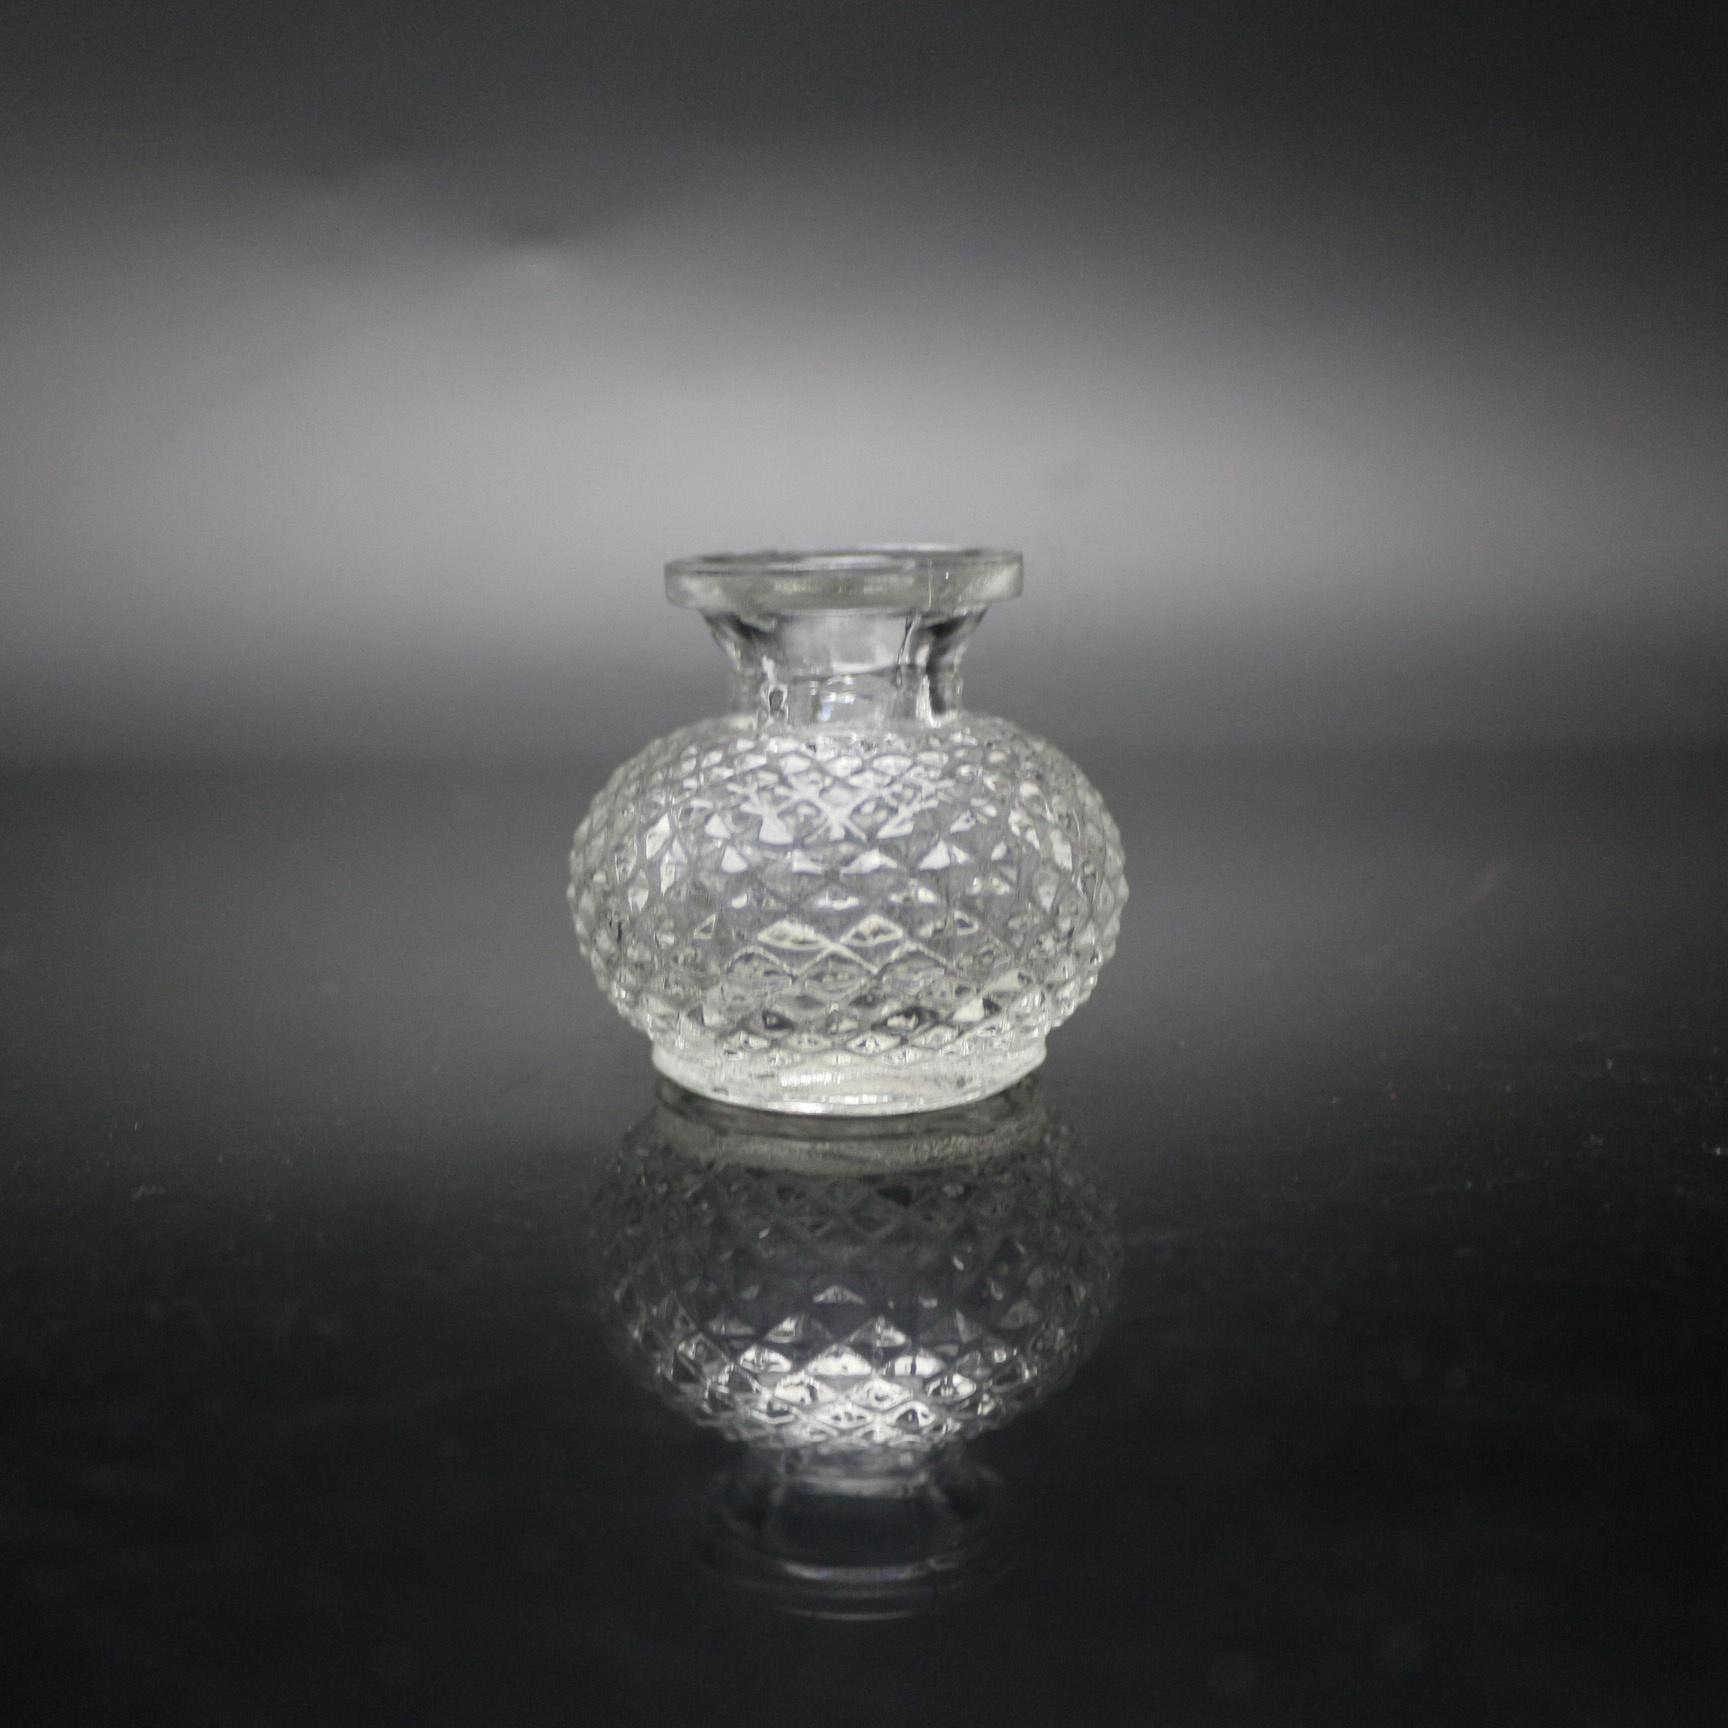 Home air freshener bottle glass diffuser bottle 30ml embossing